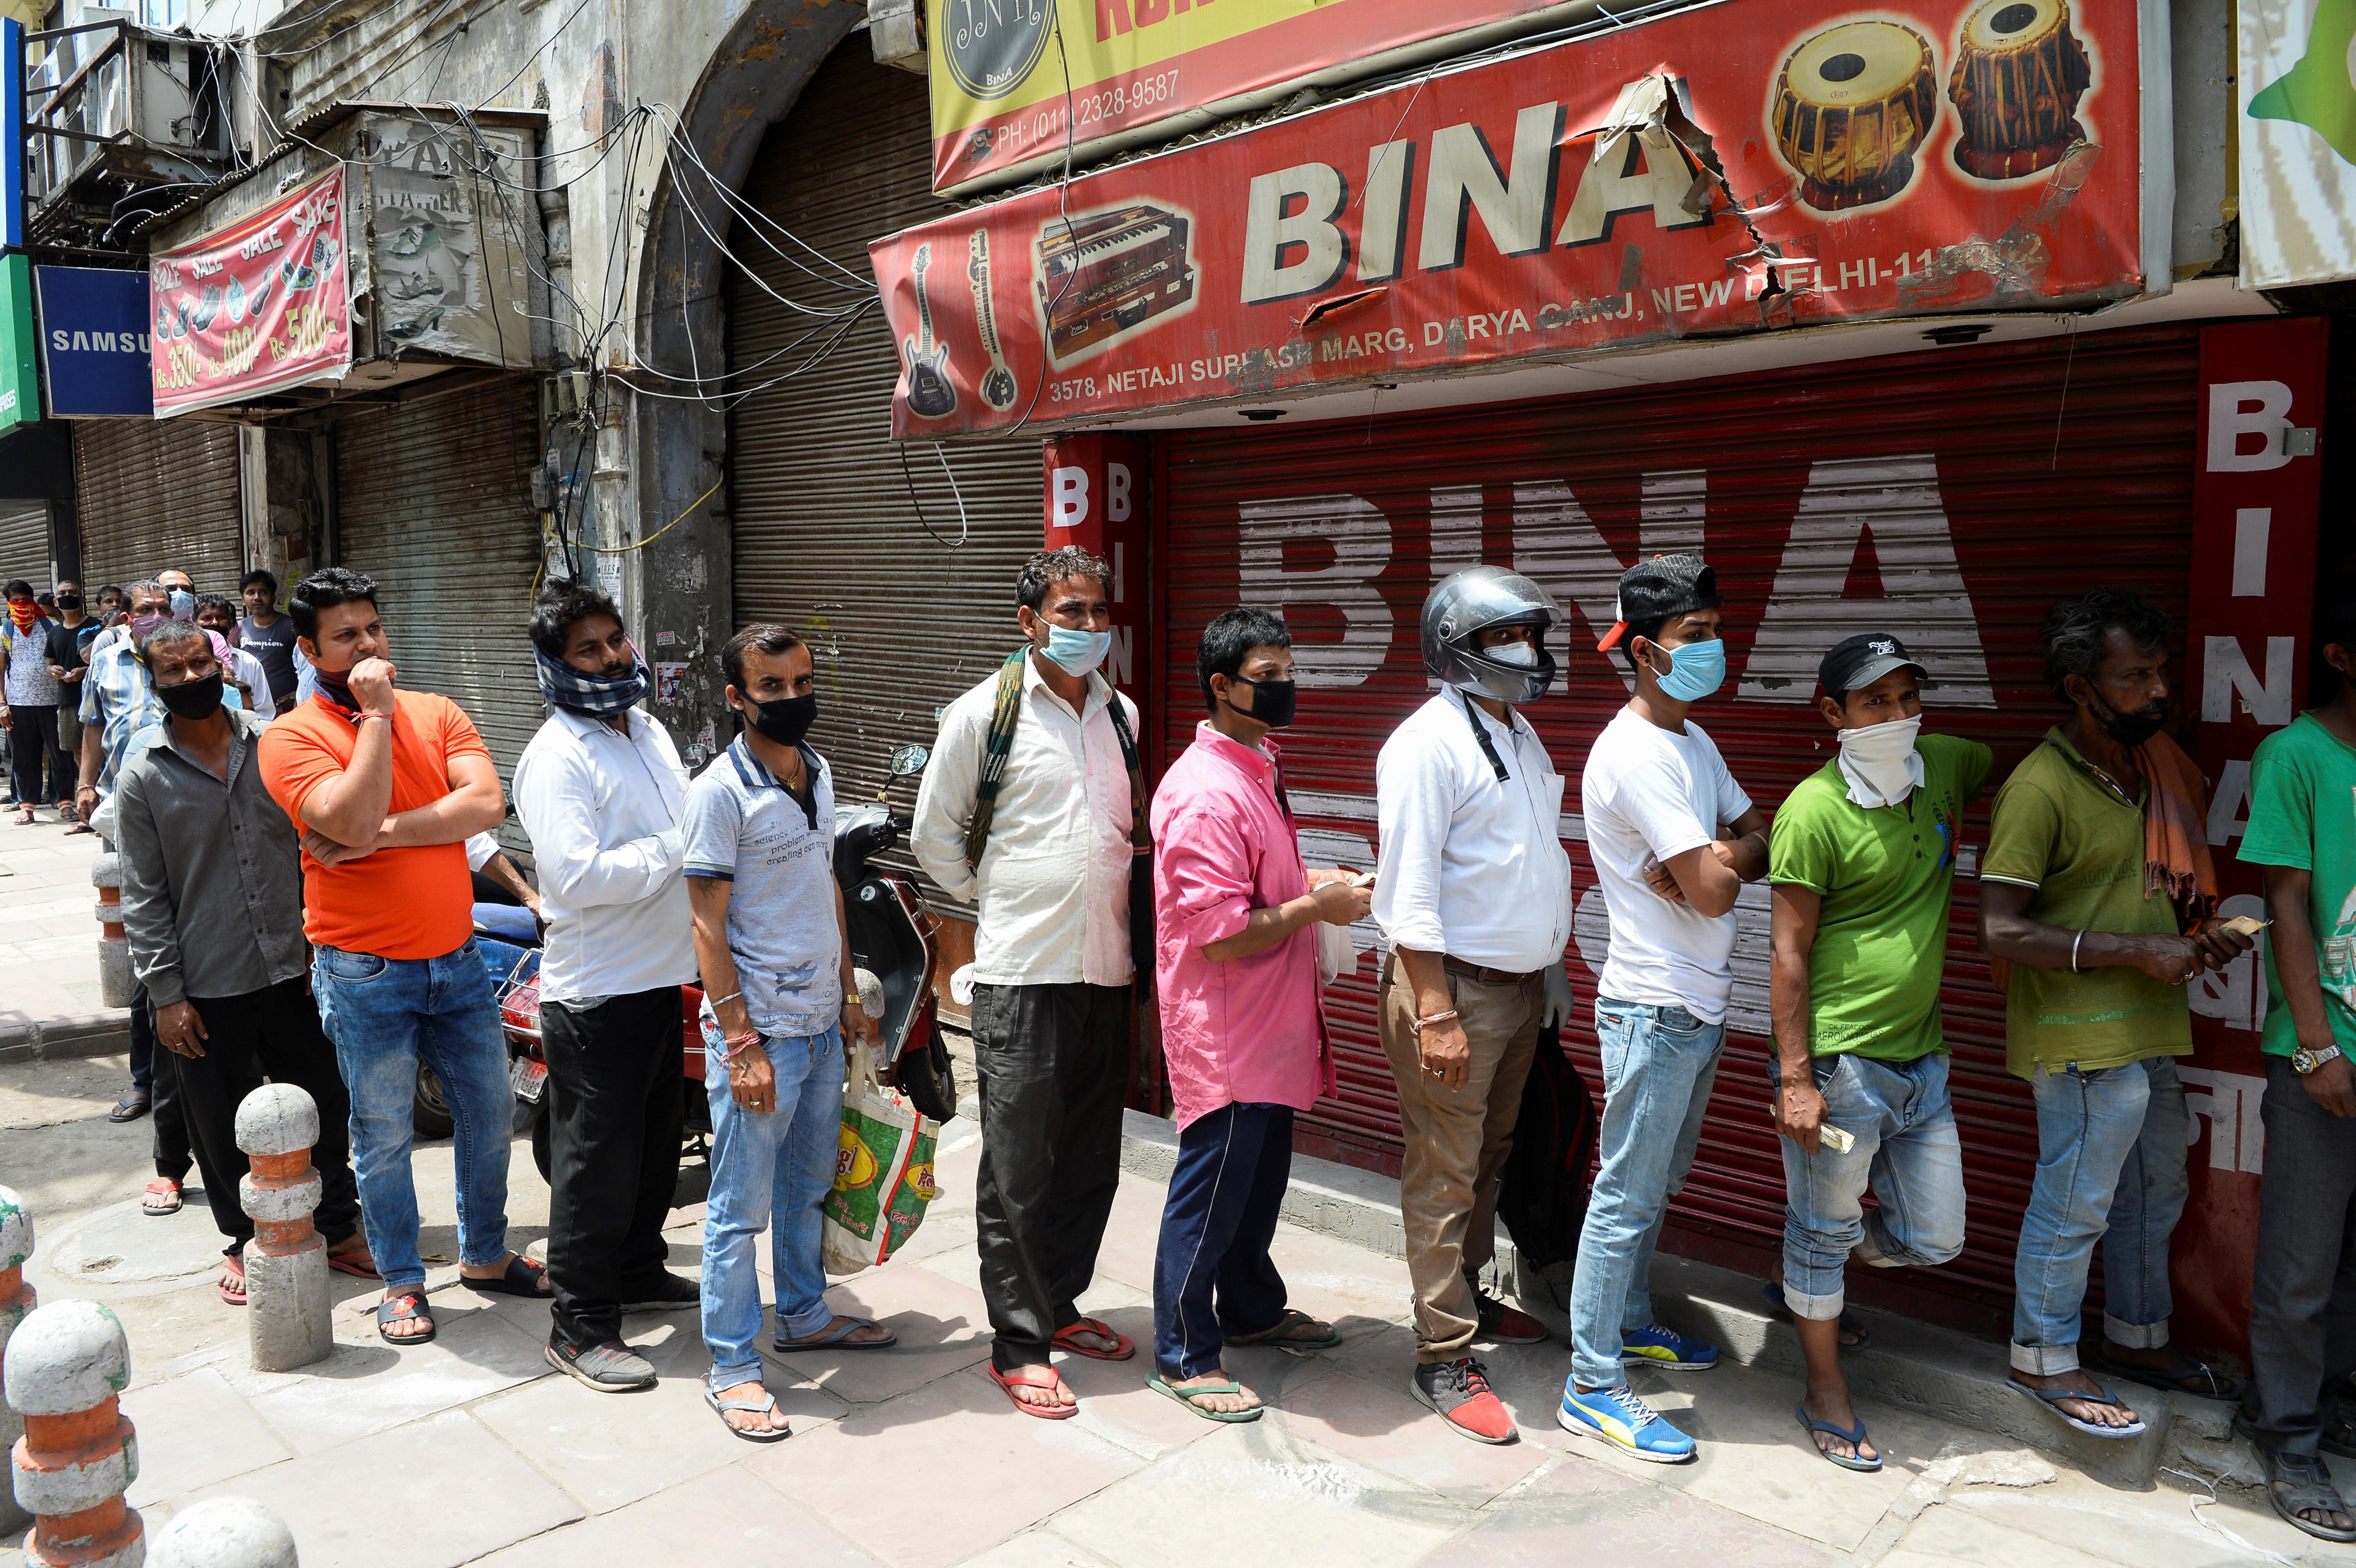 Indiában 70 százalékos koronavírus-adót vetnek ki az alkoholra, hogy távoltartsák a tömegeket